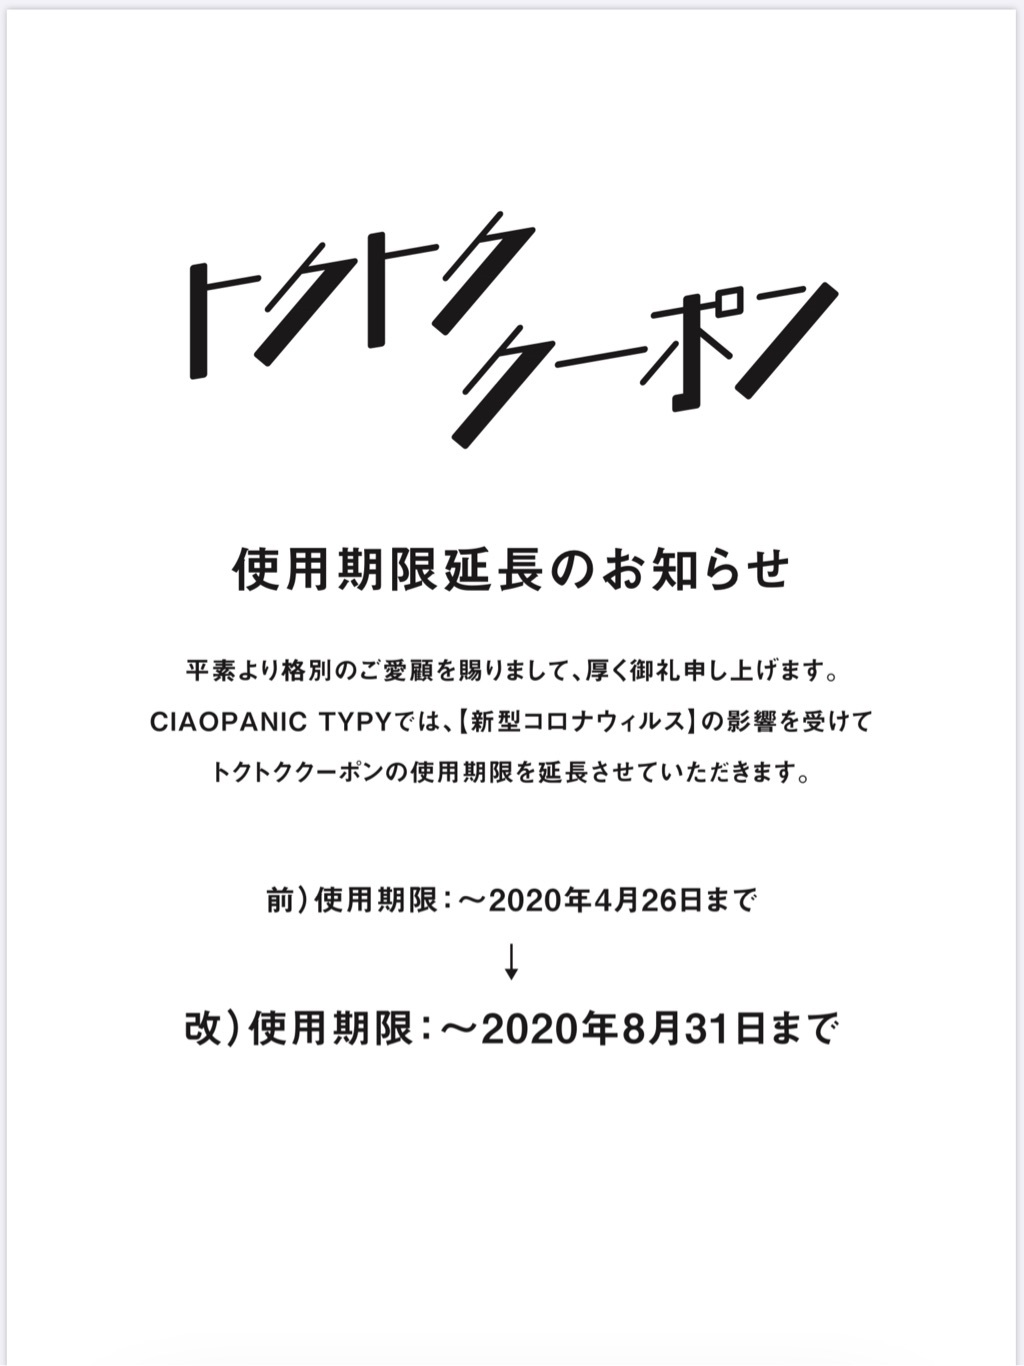 コロナ アリオ 亀有 亀有警察署の副署長 新型コロナ感染確認(日本テレビ系(NNN))